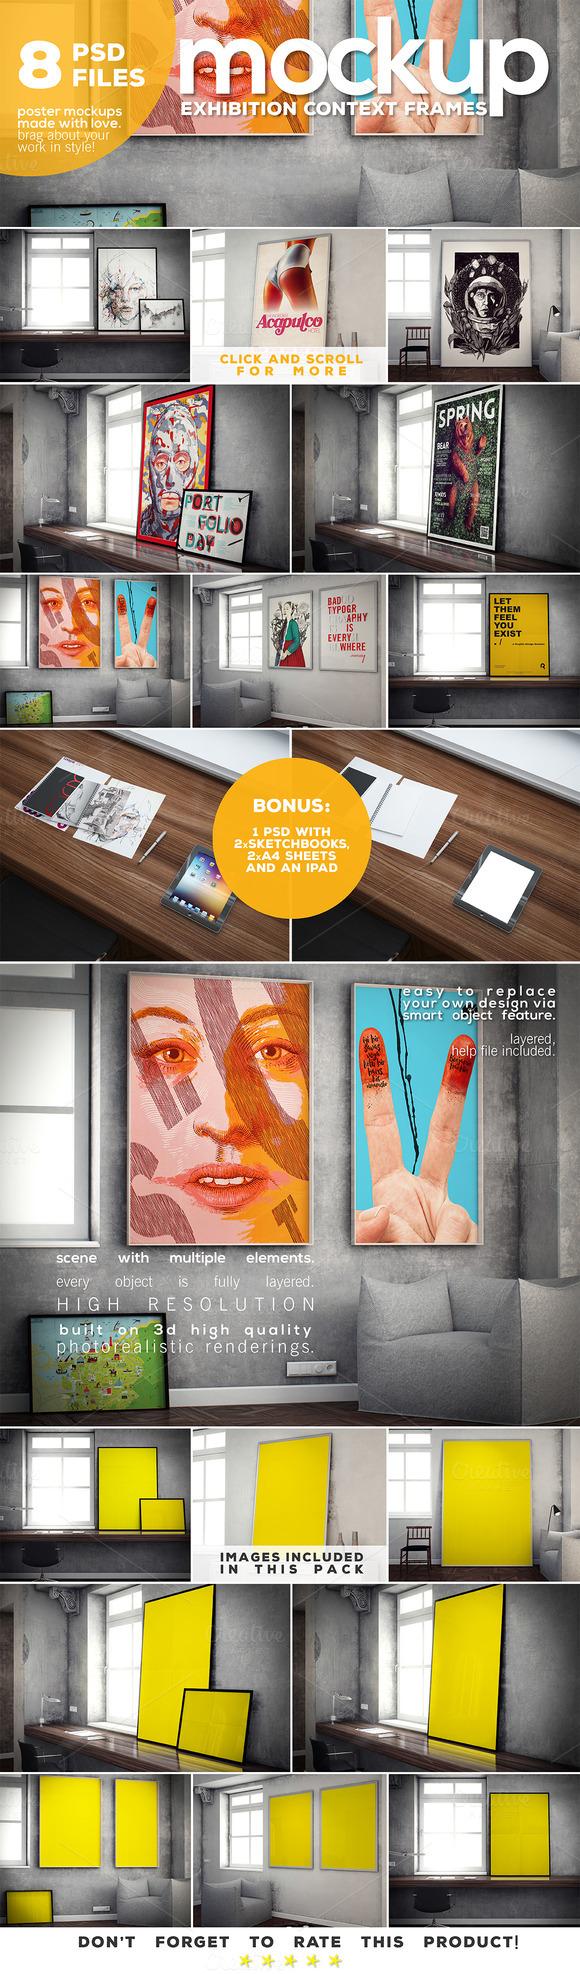 Poster Mockup Vol.3 Context Frames